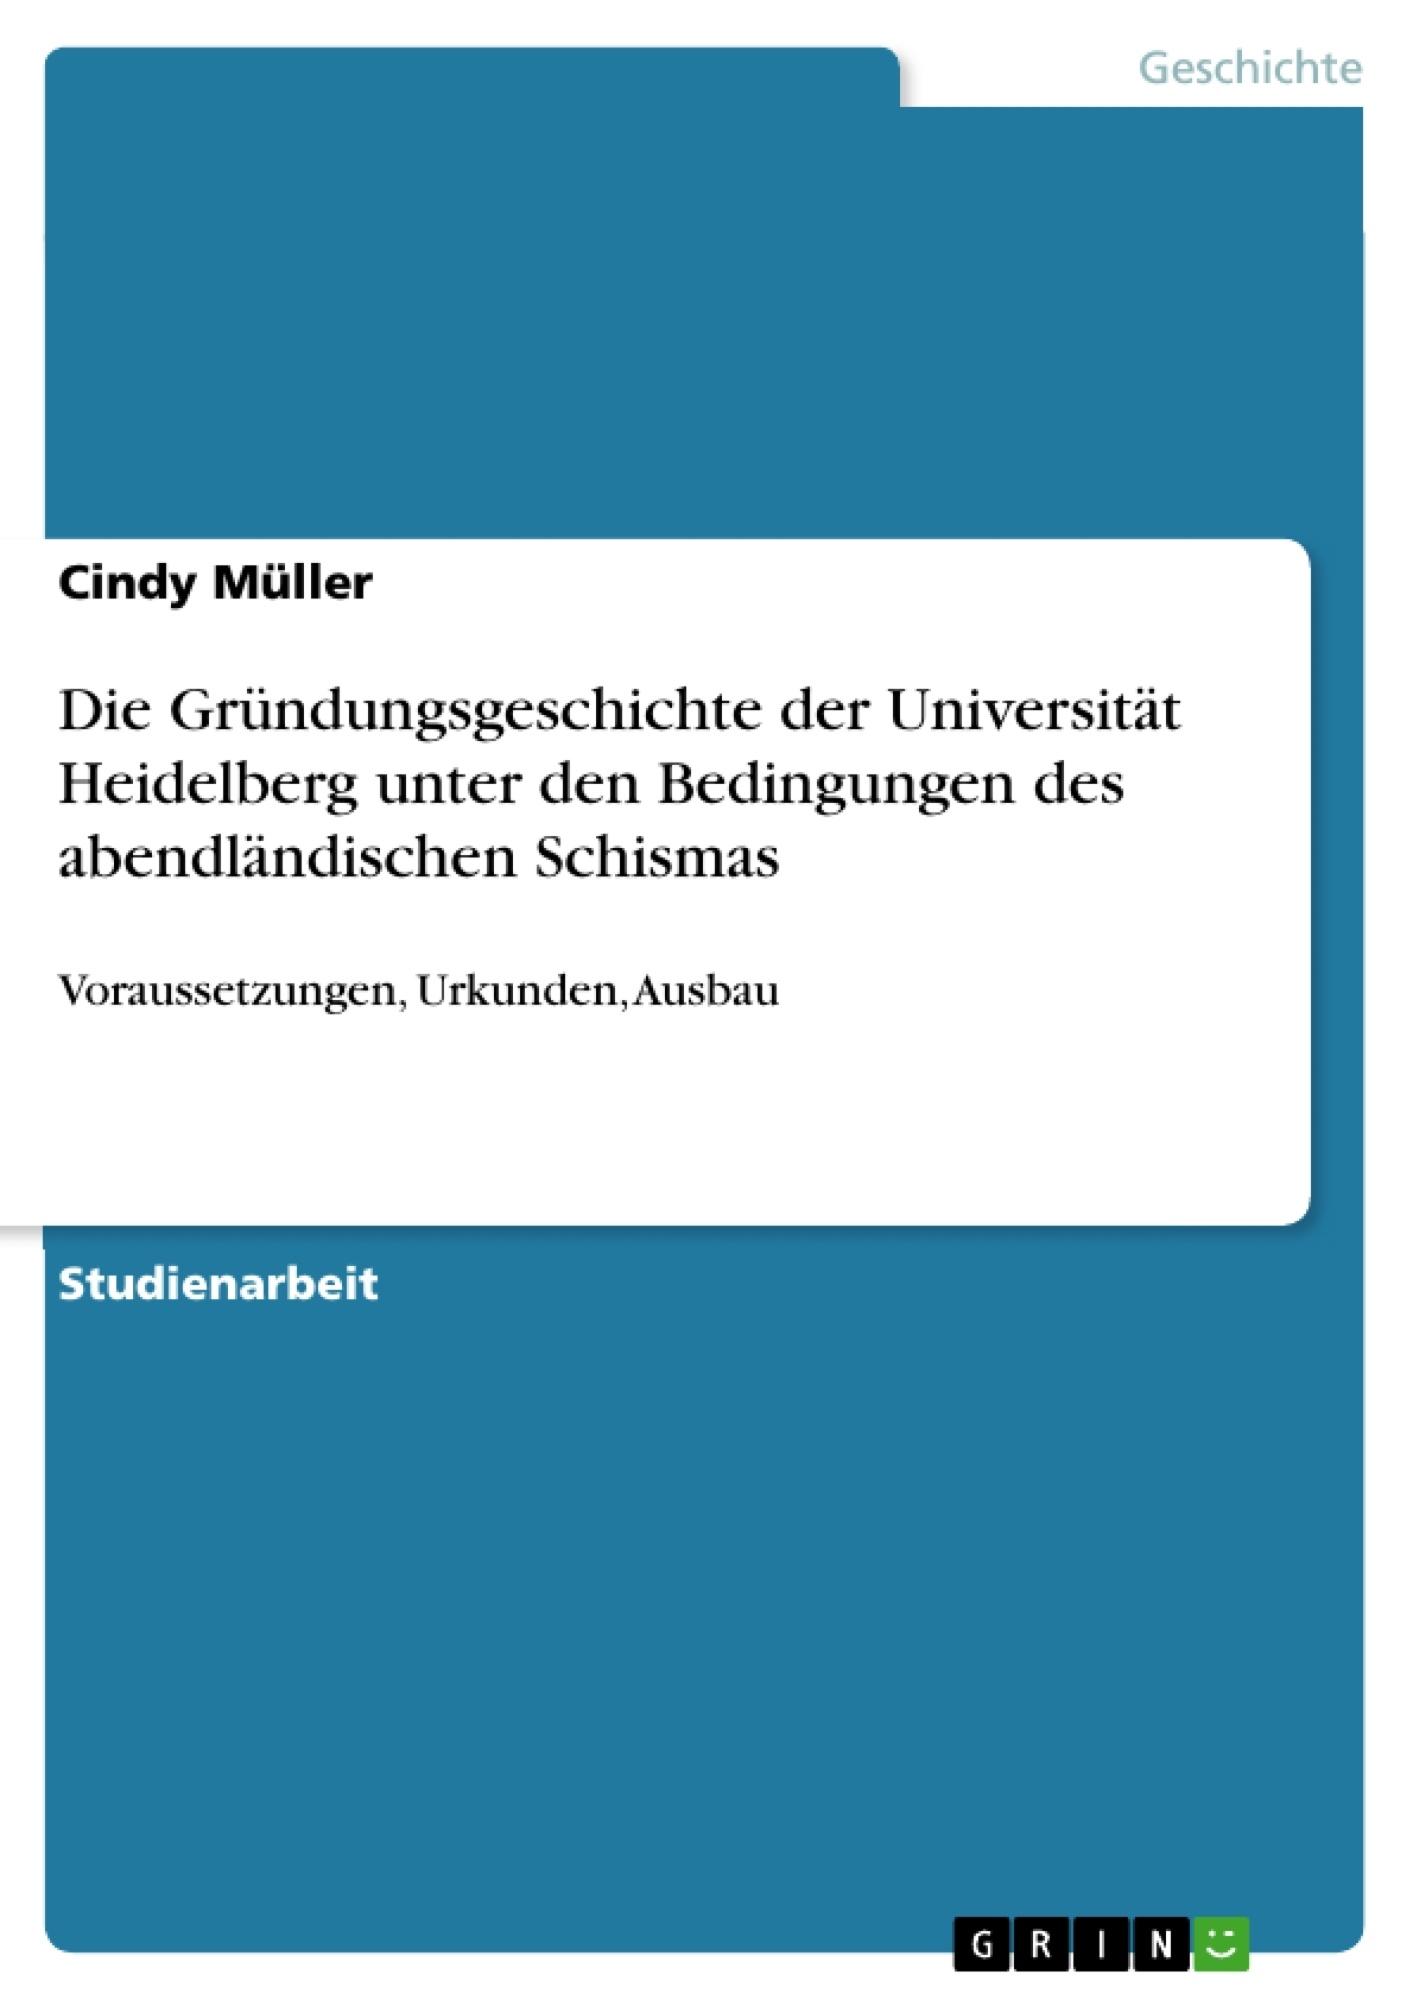 Titel: Die Gründungsgeschichte der Universität Heidelberg unter den Bedingungen des abendländischen Schismas